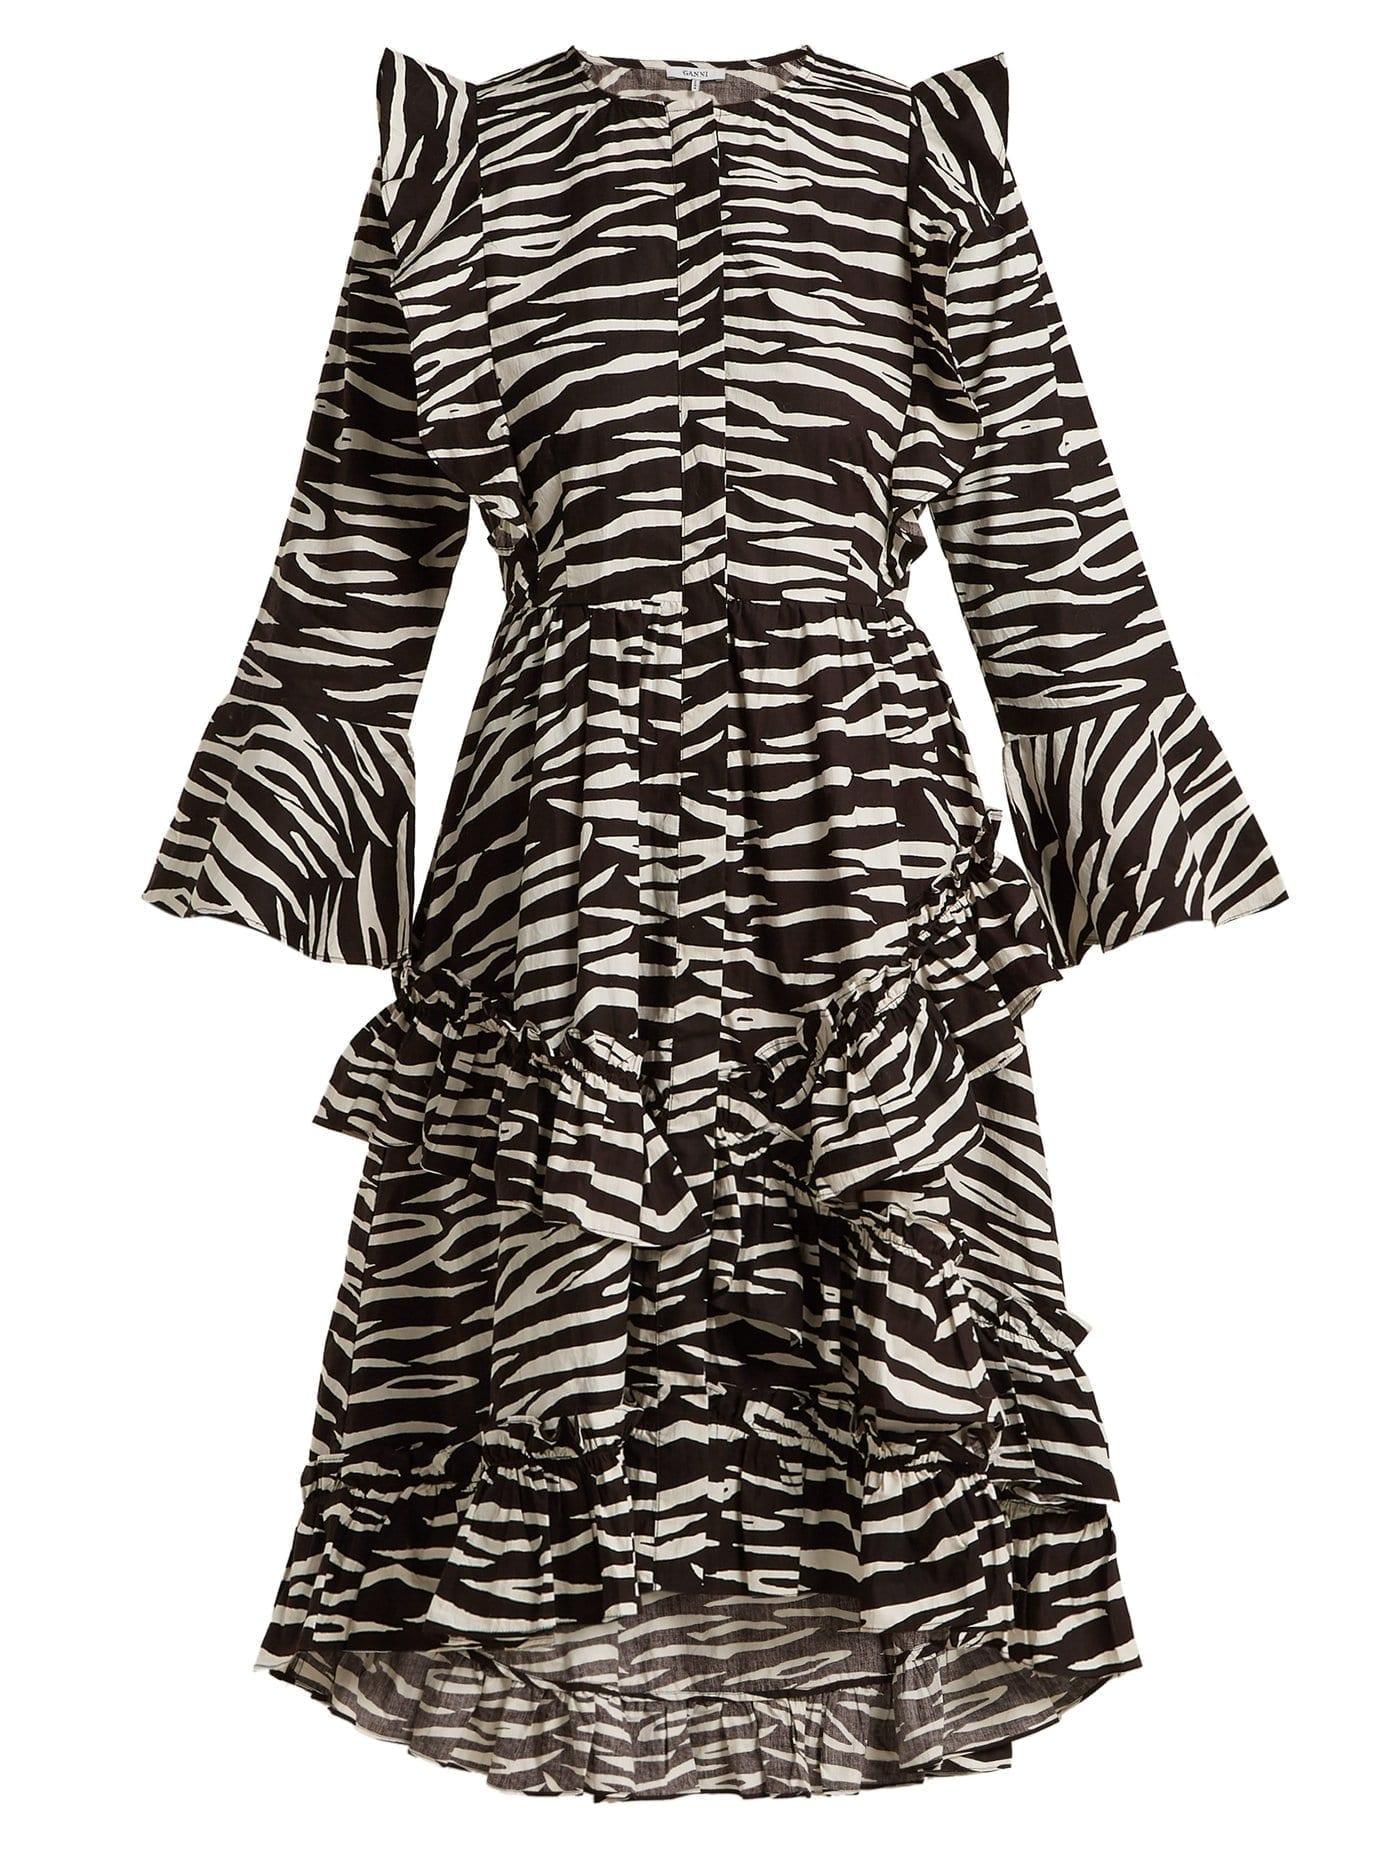 Ganni Faulkner Zebra Print Cotton Midi Black Dress We